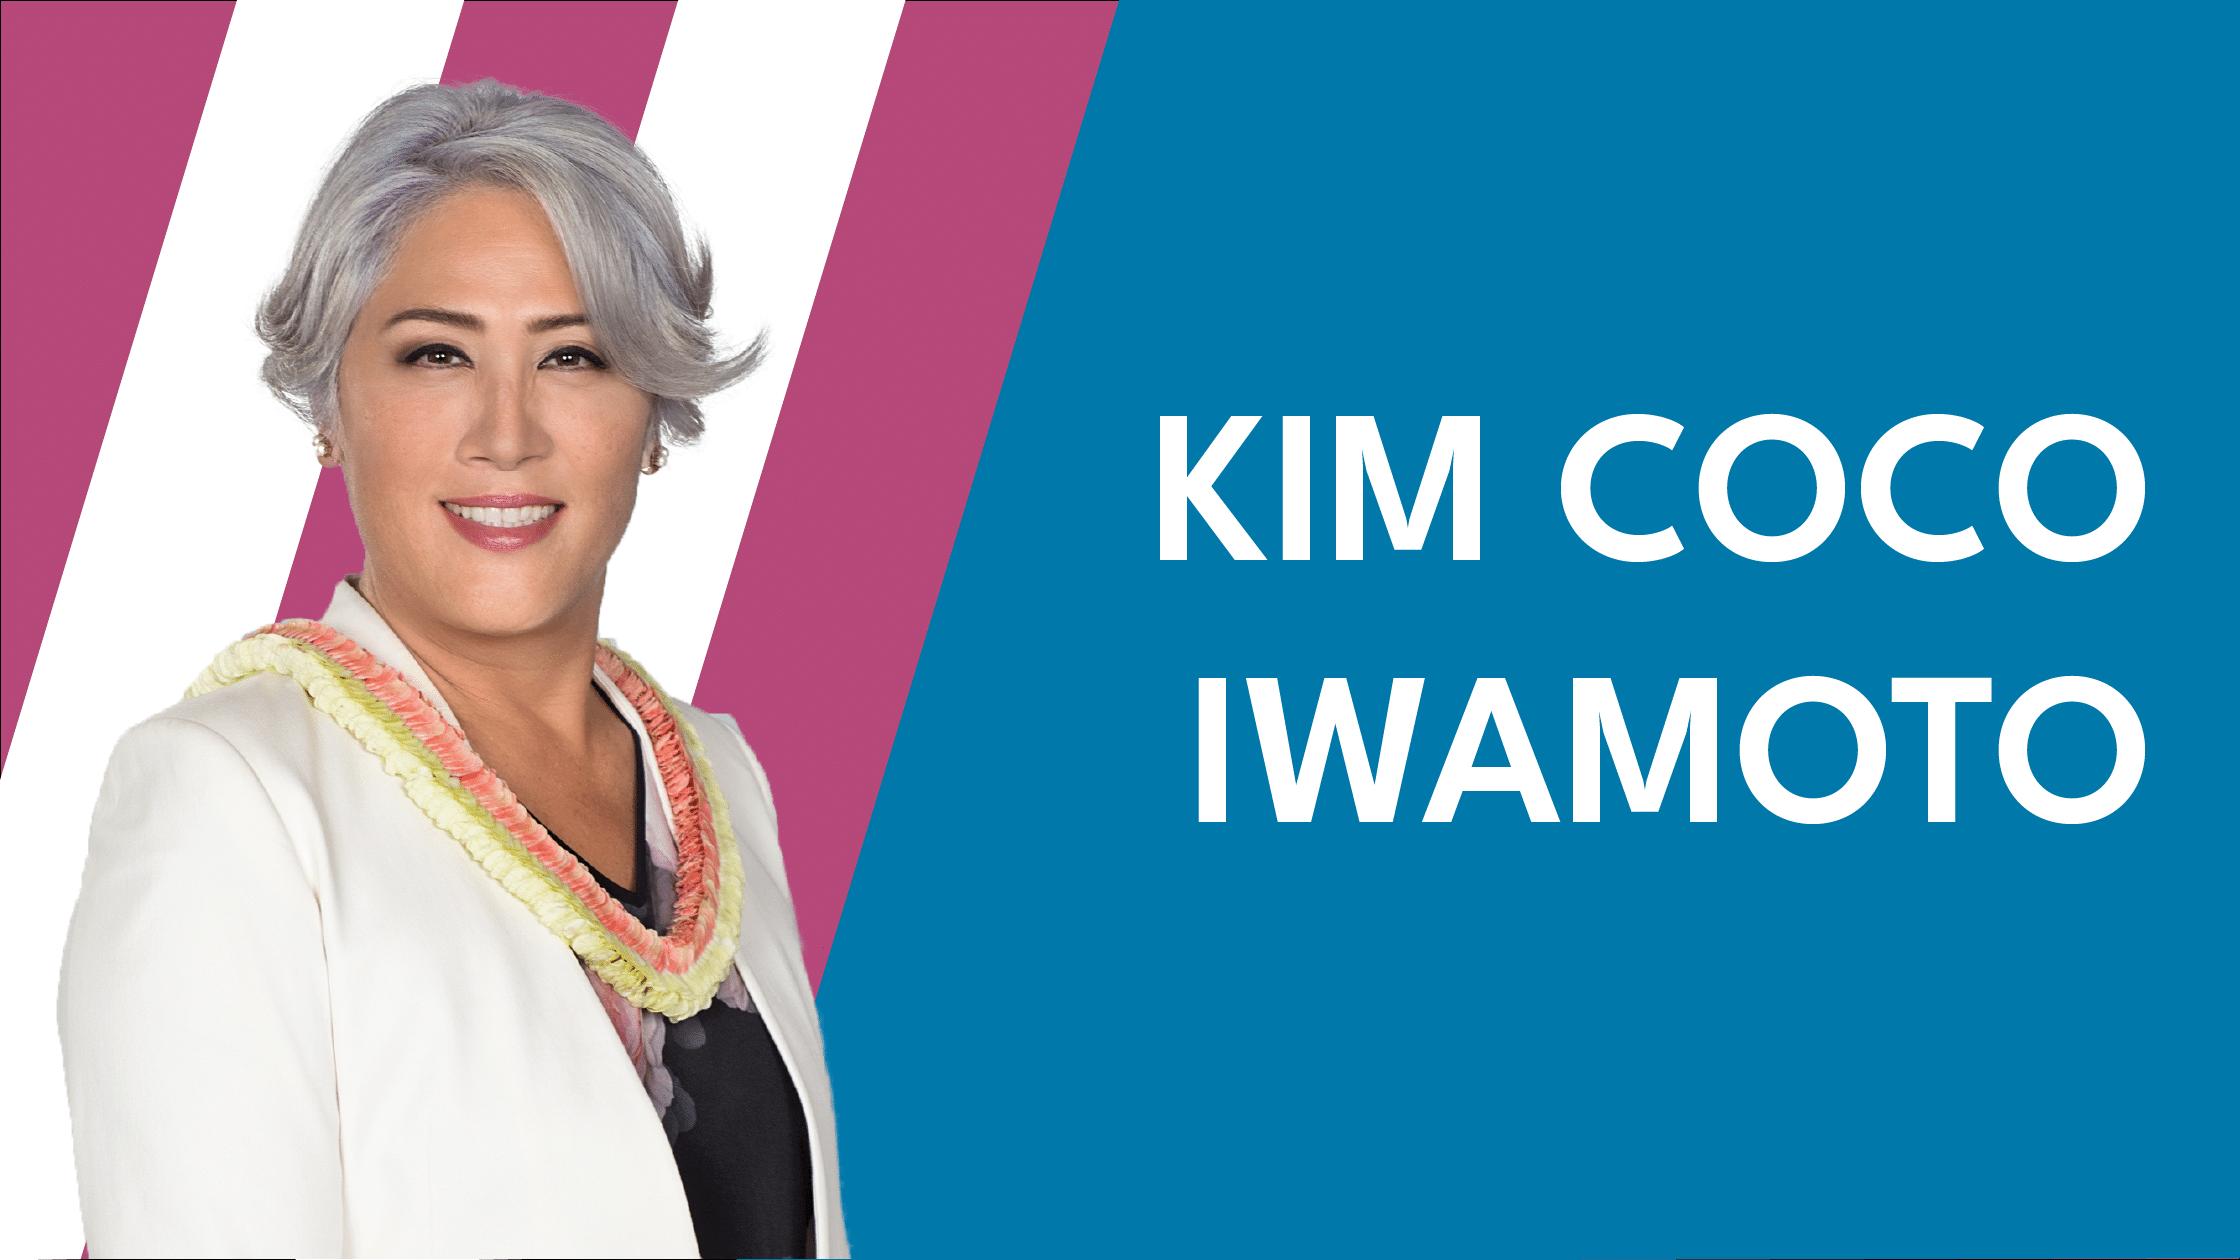 Kim Coco Iwamoto